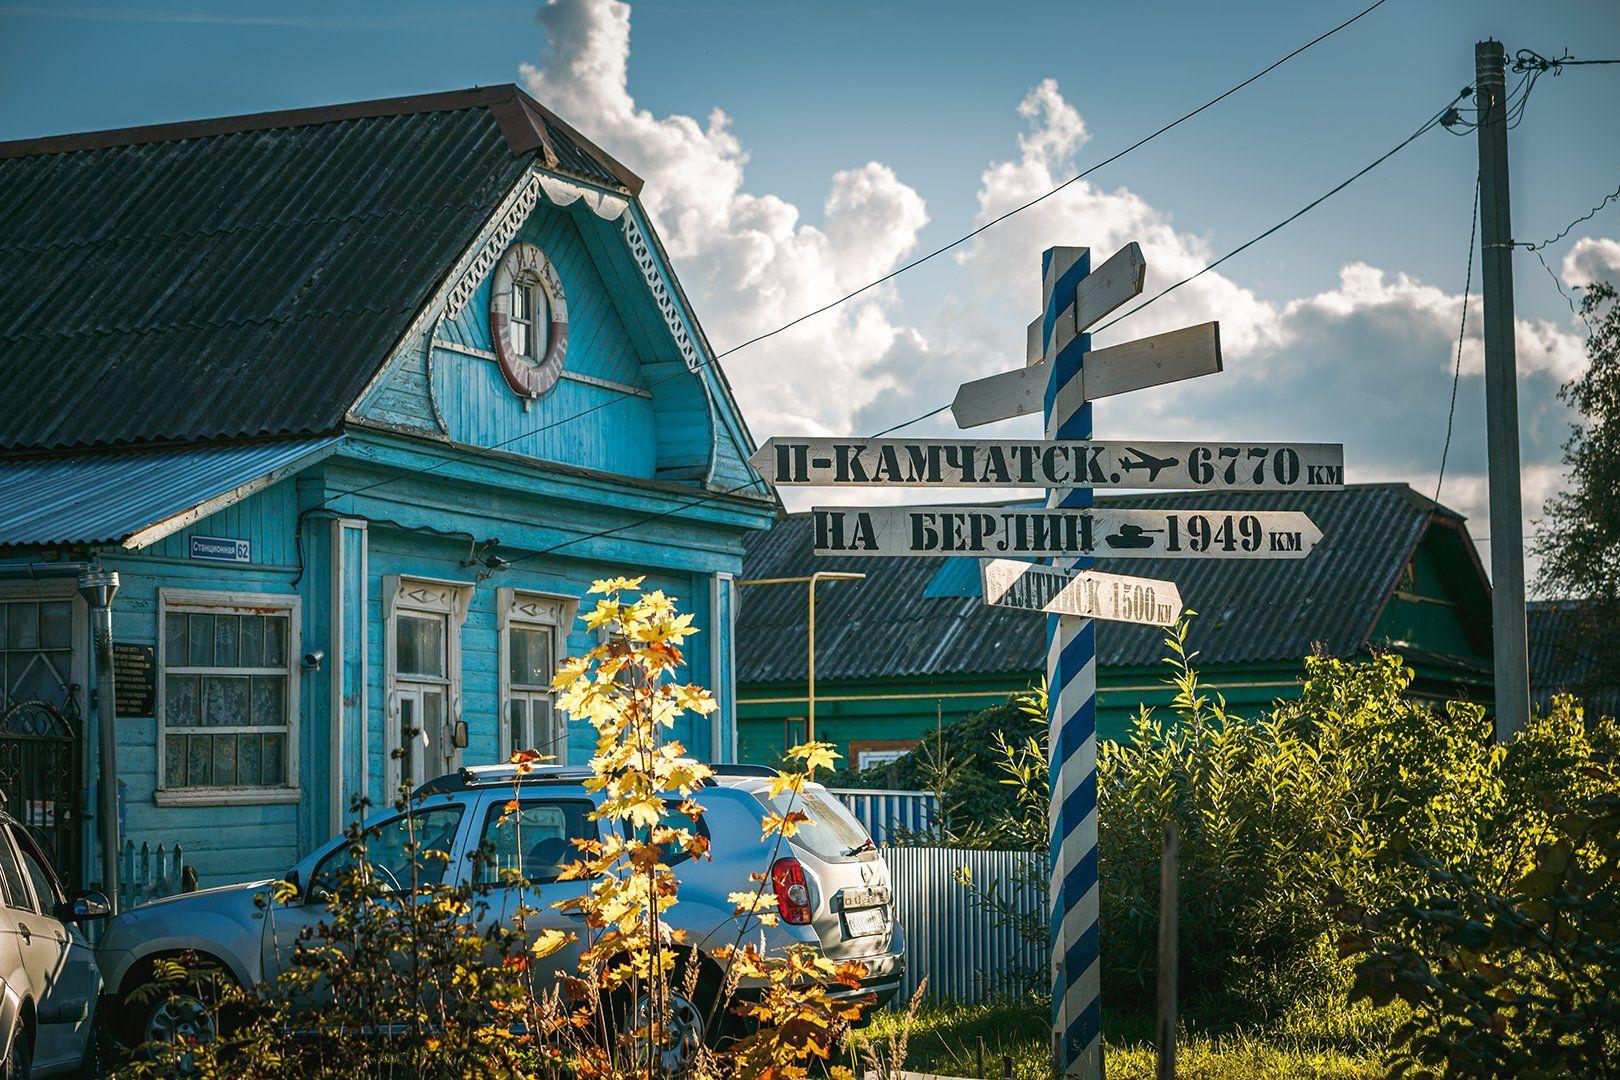 на берлин; деревня; глубинка; пейзаж; сейльский, Шурчков Юрий